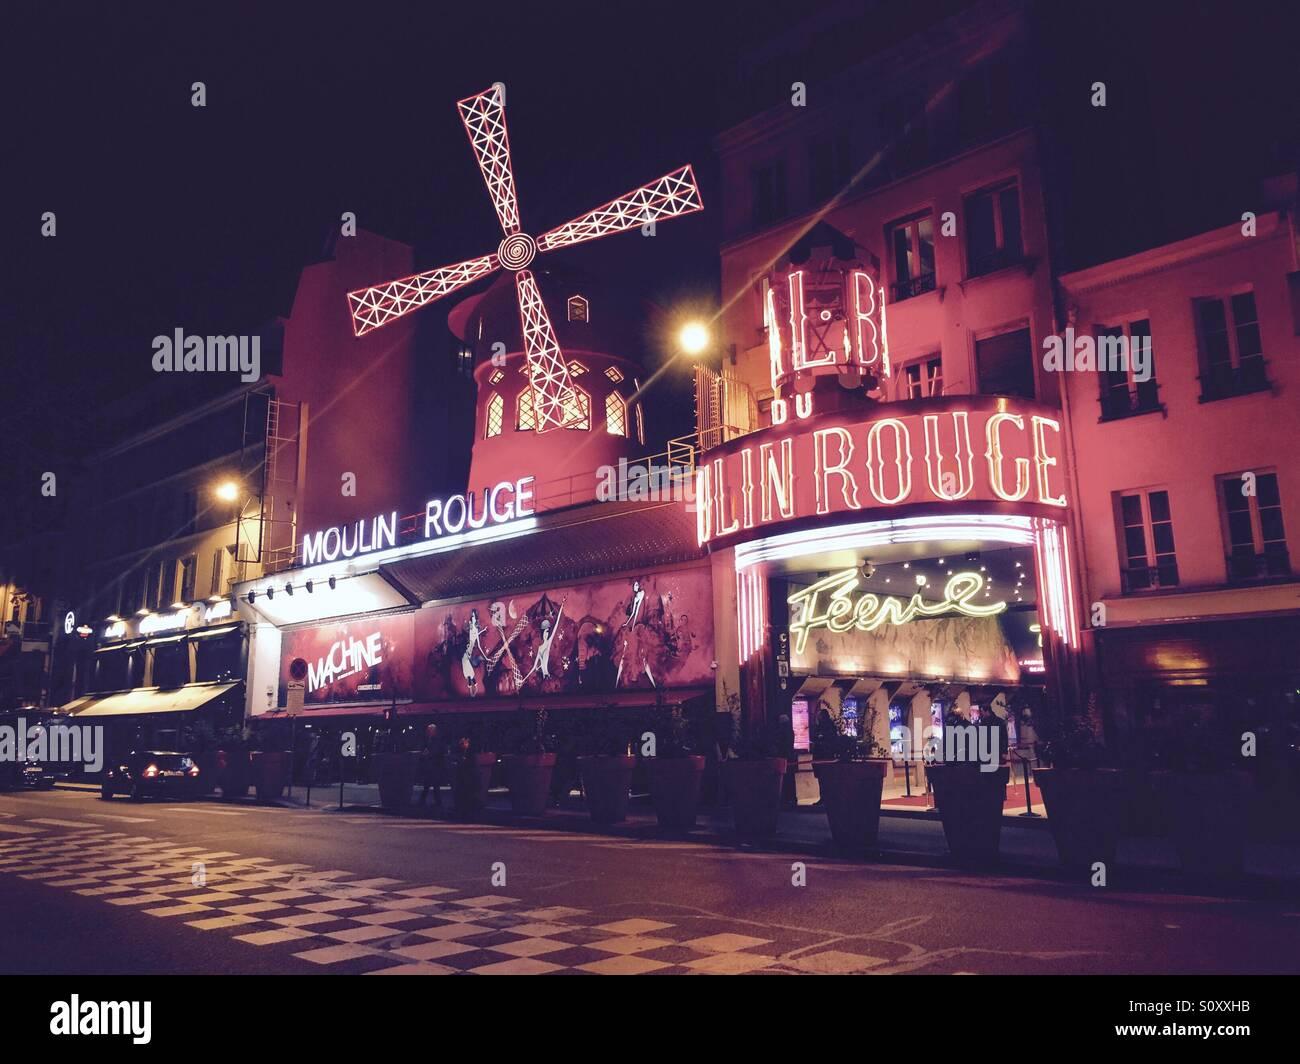 Moulin Rouge Stockbild